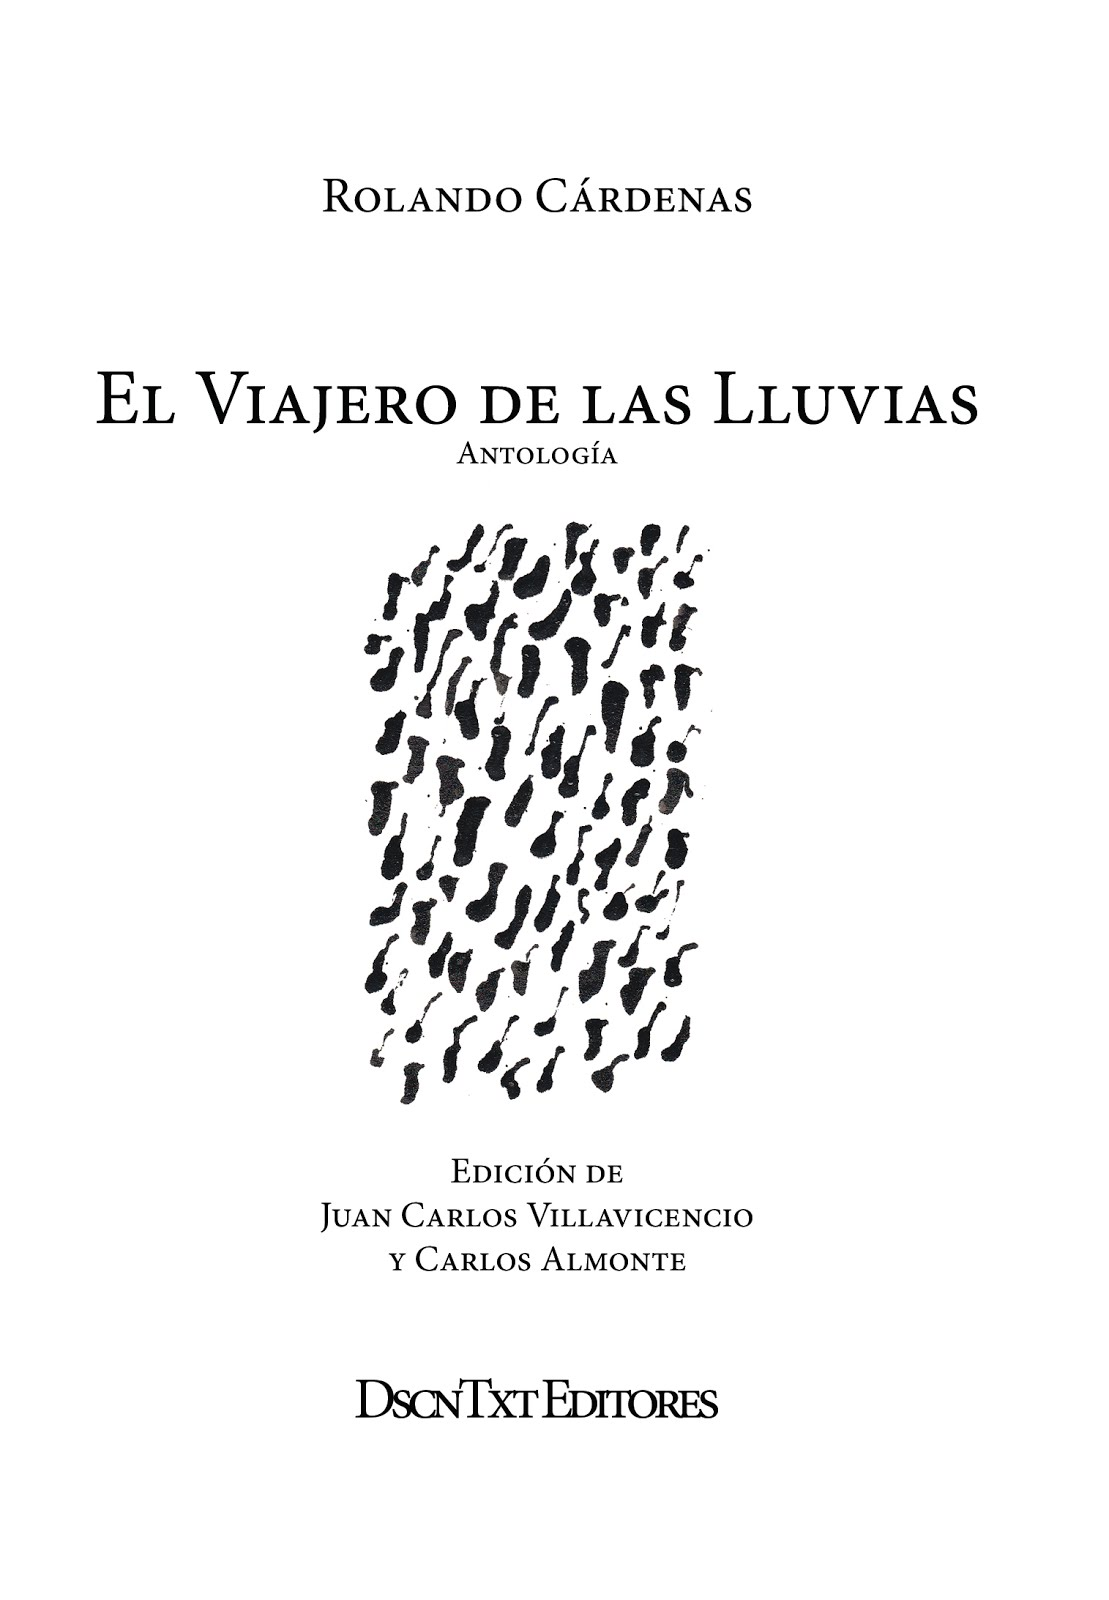 El viajero de las lluvias, de Rolando Cárdenas. Edición de C. Almonte y J.C. Villavicencio